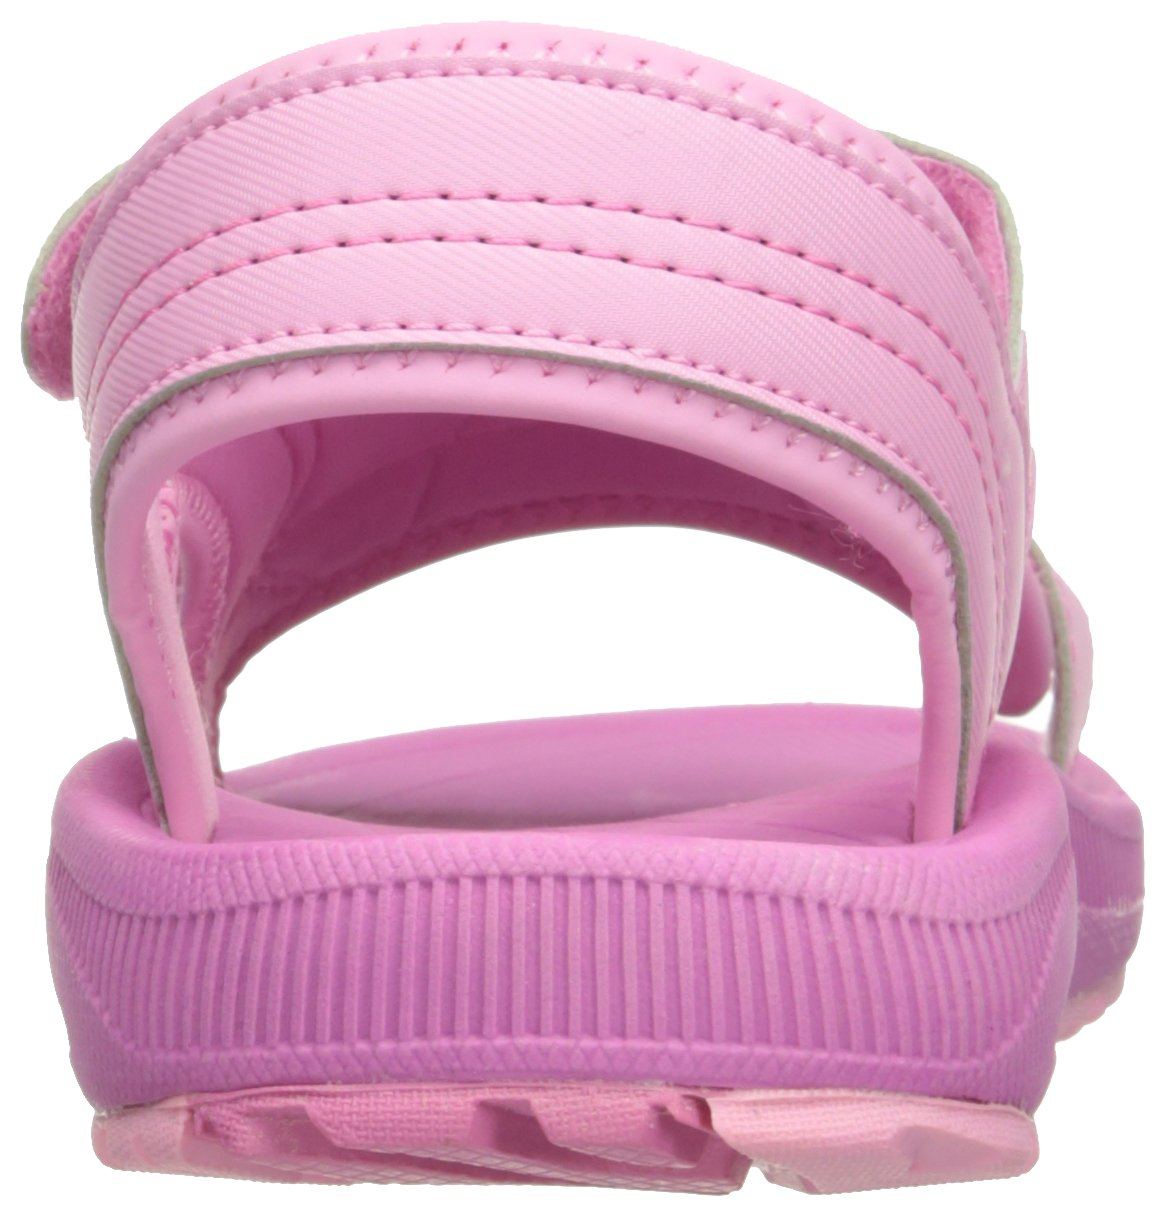 Teva Girls' Psyclone 4 Sandal, Pink, 1 M US Little Kid by Teva (Image #2)